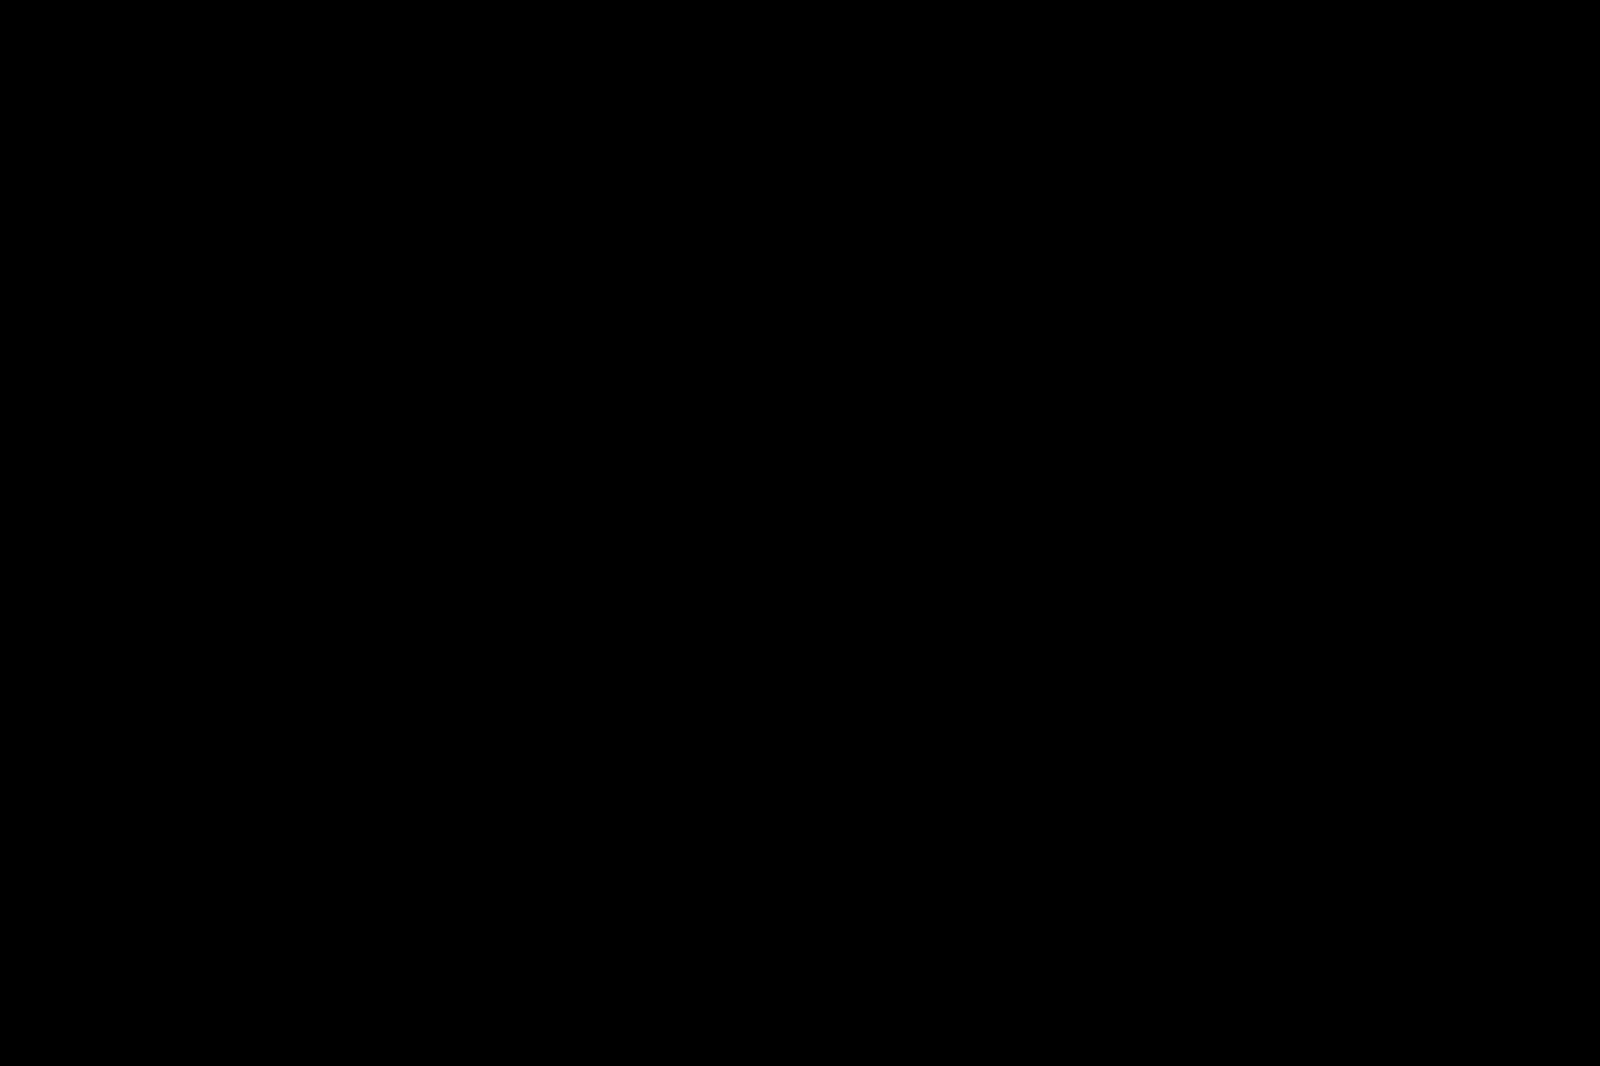 Shiitake: un vero toccasana per le difese immunitarie